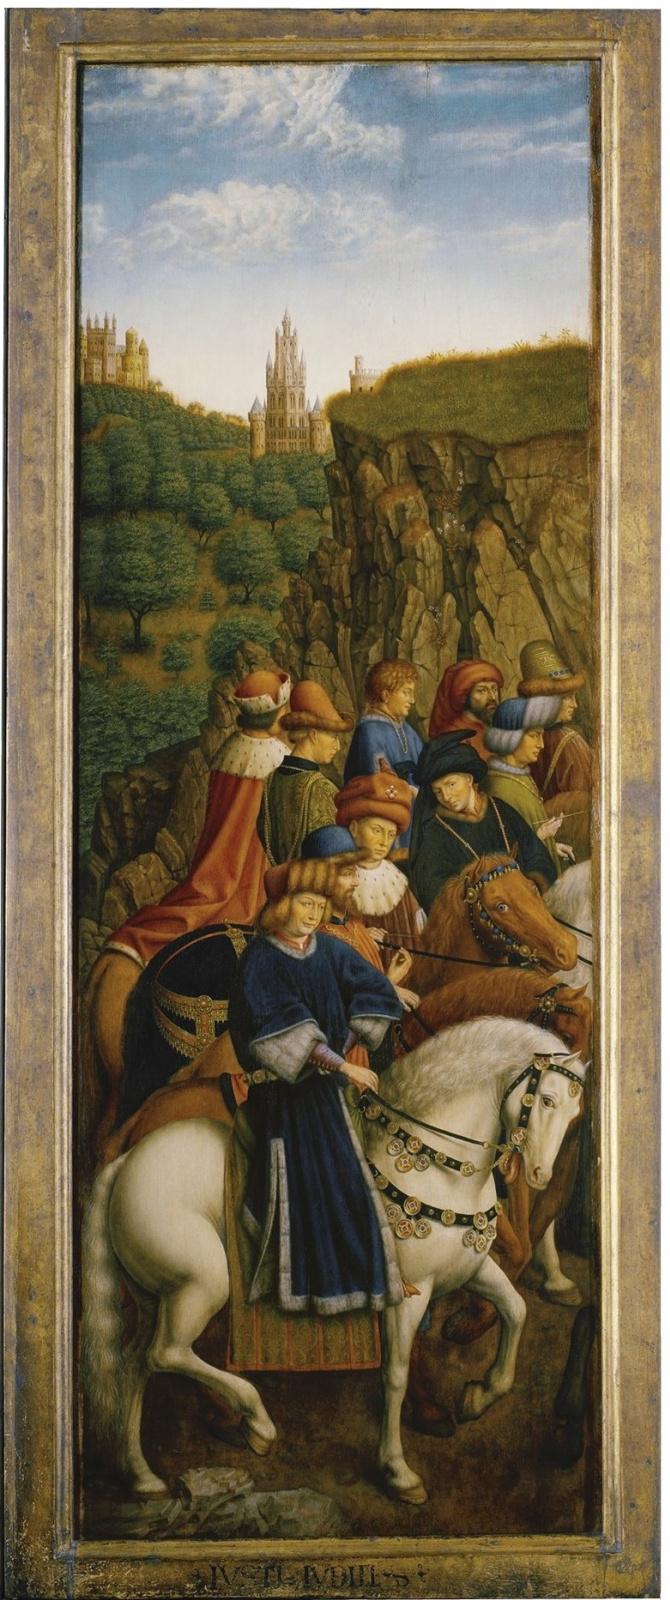 Ян ван Эйк. Гентский алтарь. Праведные судьи (фрагмент)